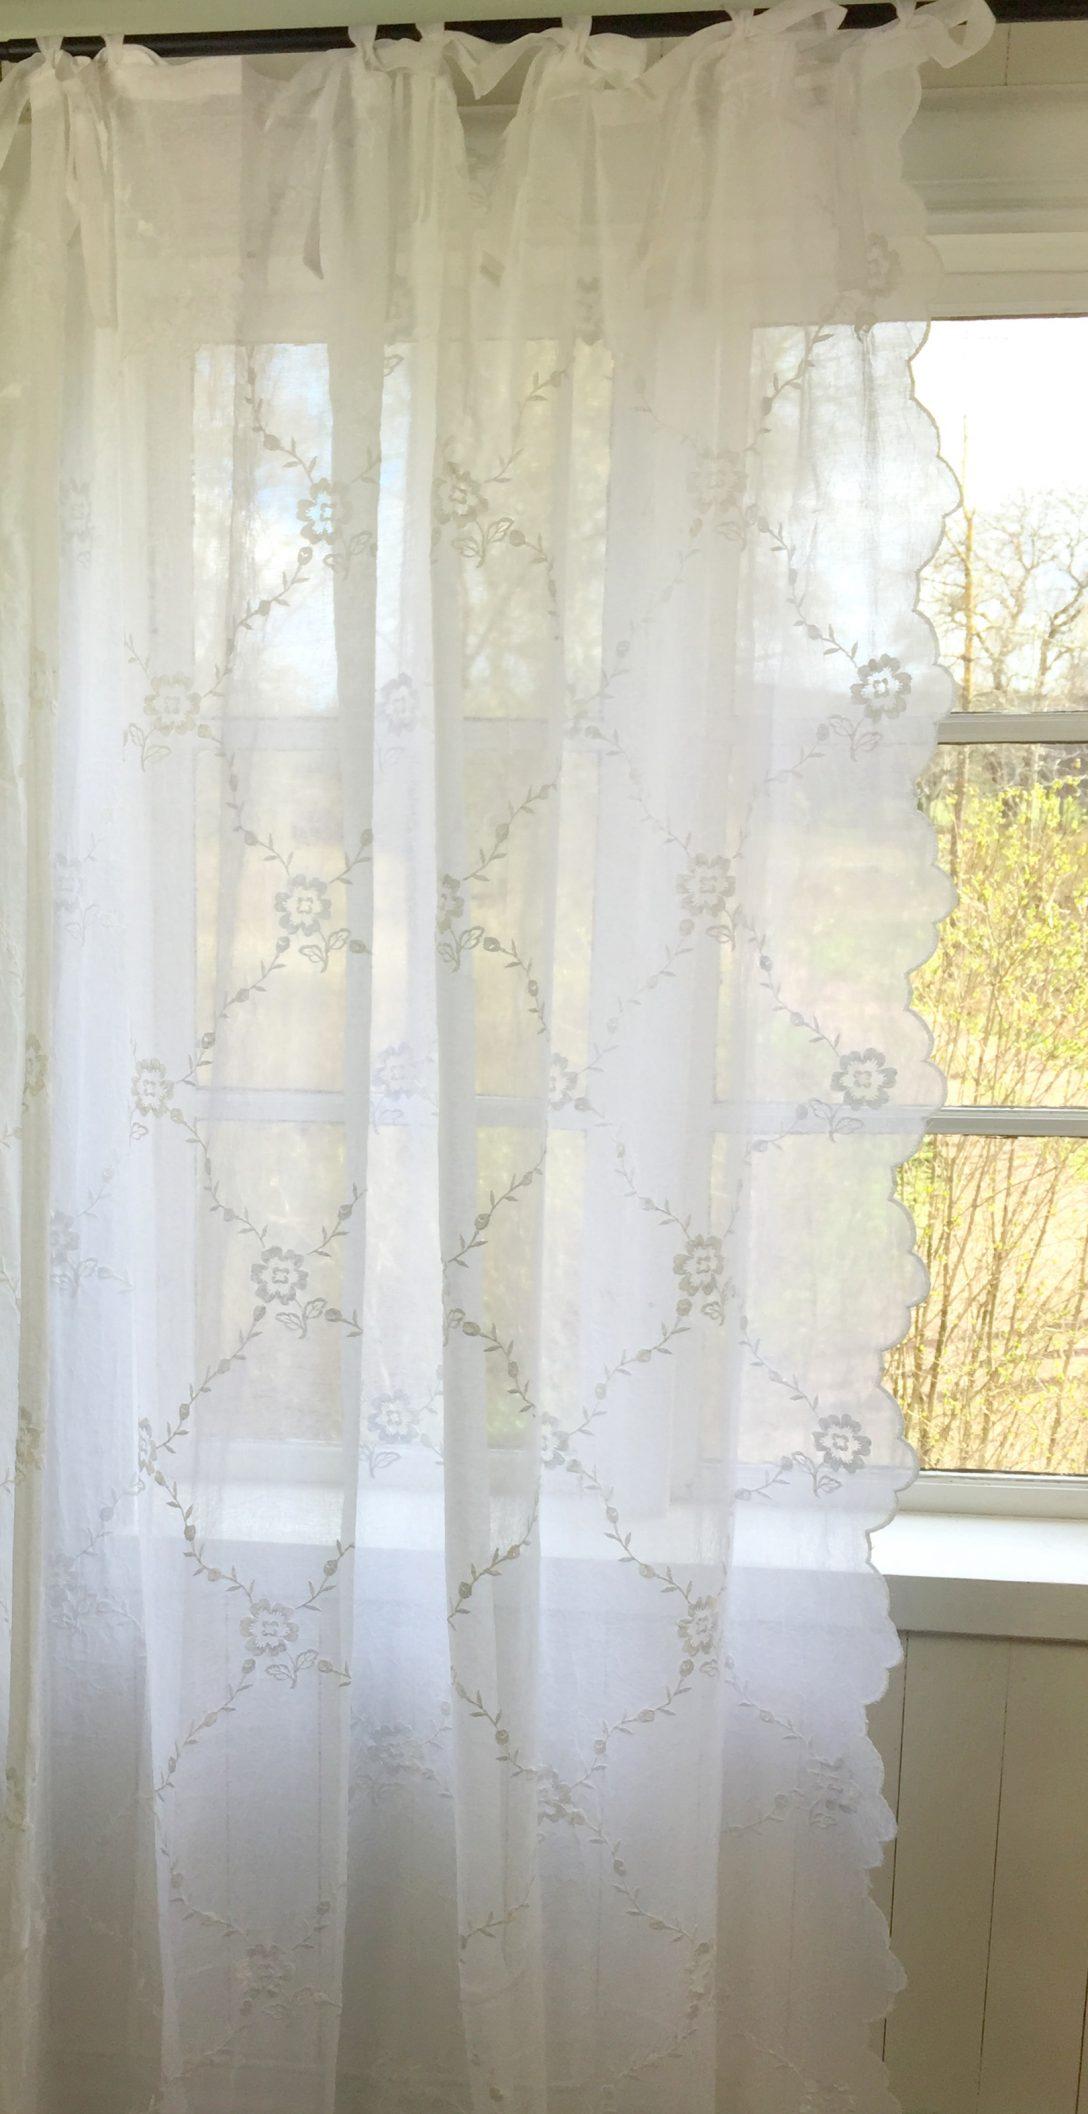 Large Size of Gardinen Landhausstil Wei Schal Chiara Bestickt 200x250 Cm Shabby Vintage Sofa Küche Scheibengardinen Bett Schlafzimmer Für Die Wohnzimmer Esstisch Fenster Wohnzimmer Gardinen Landhausstil